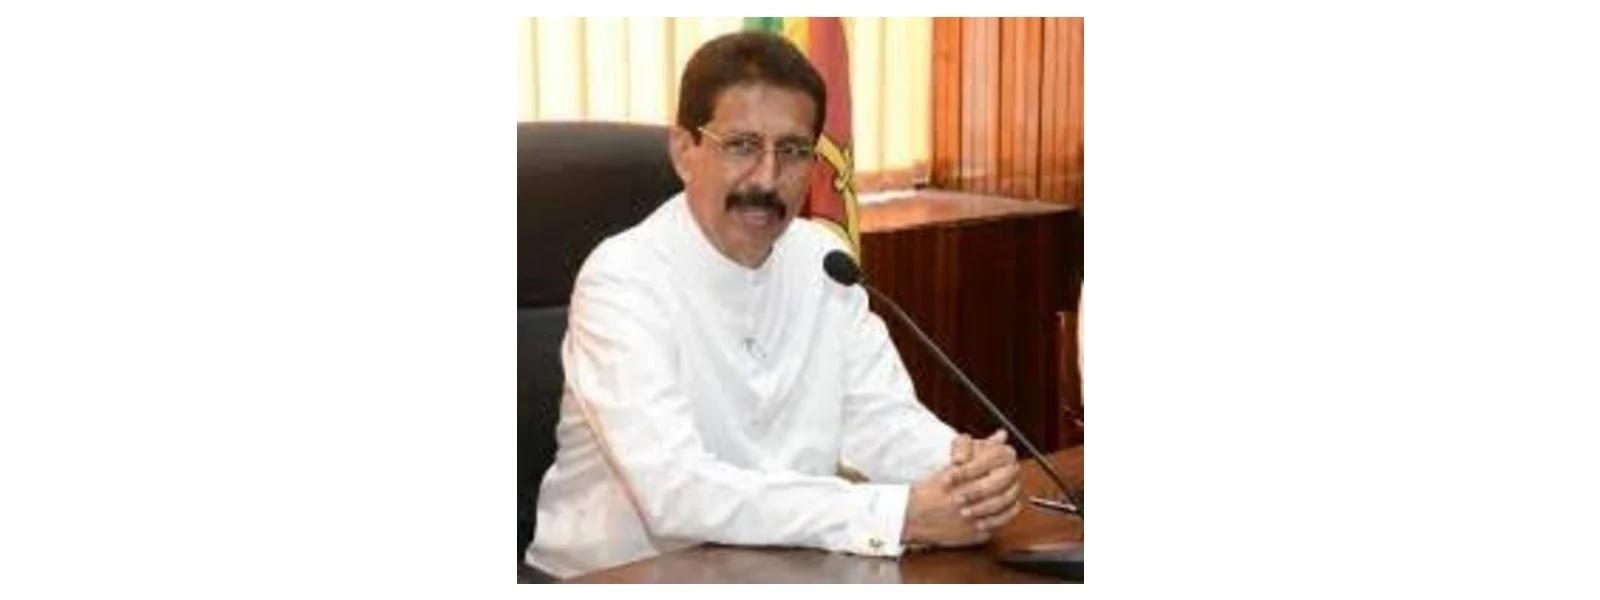 தேசிய வீடமைப்பு அபிவிருத்தி அதிகார சபையின் தலைவர் இராஜினாமா